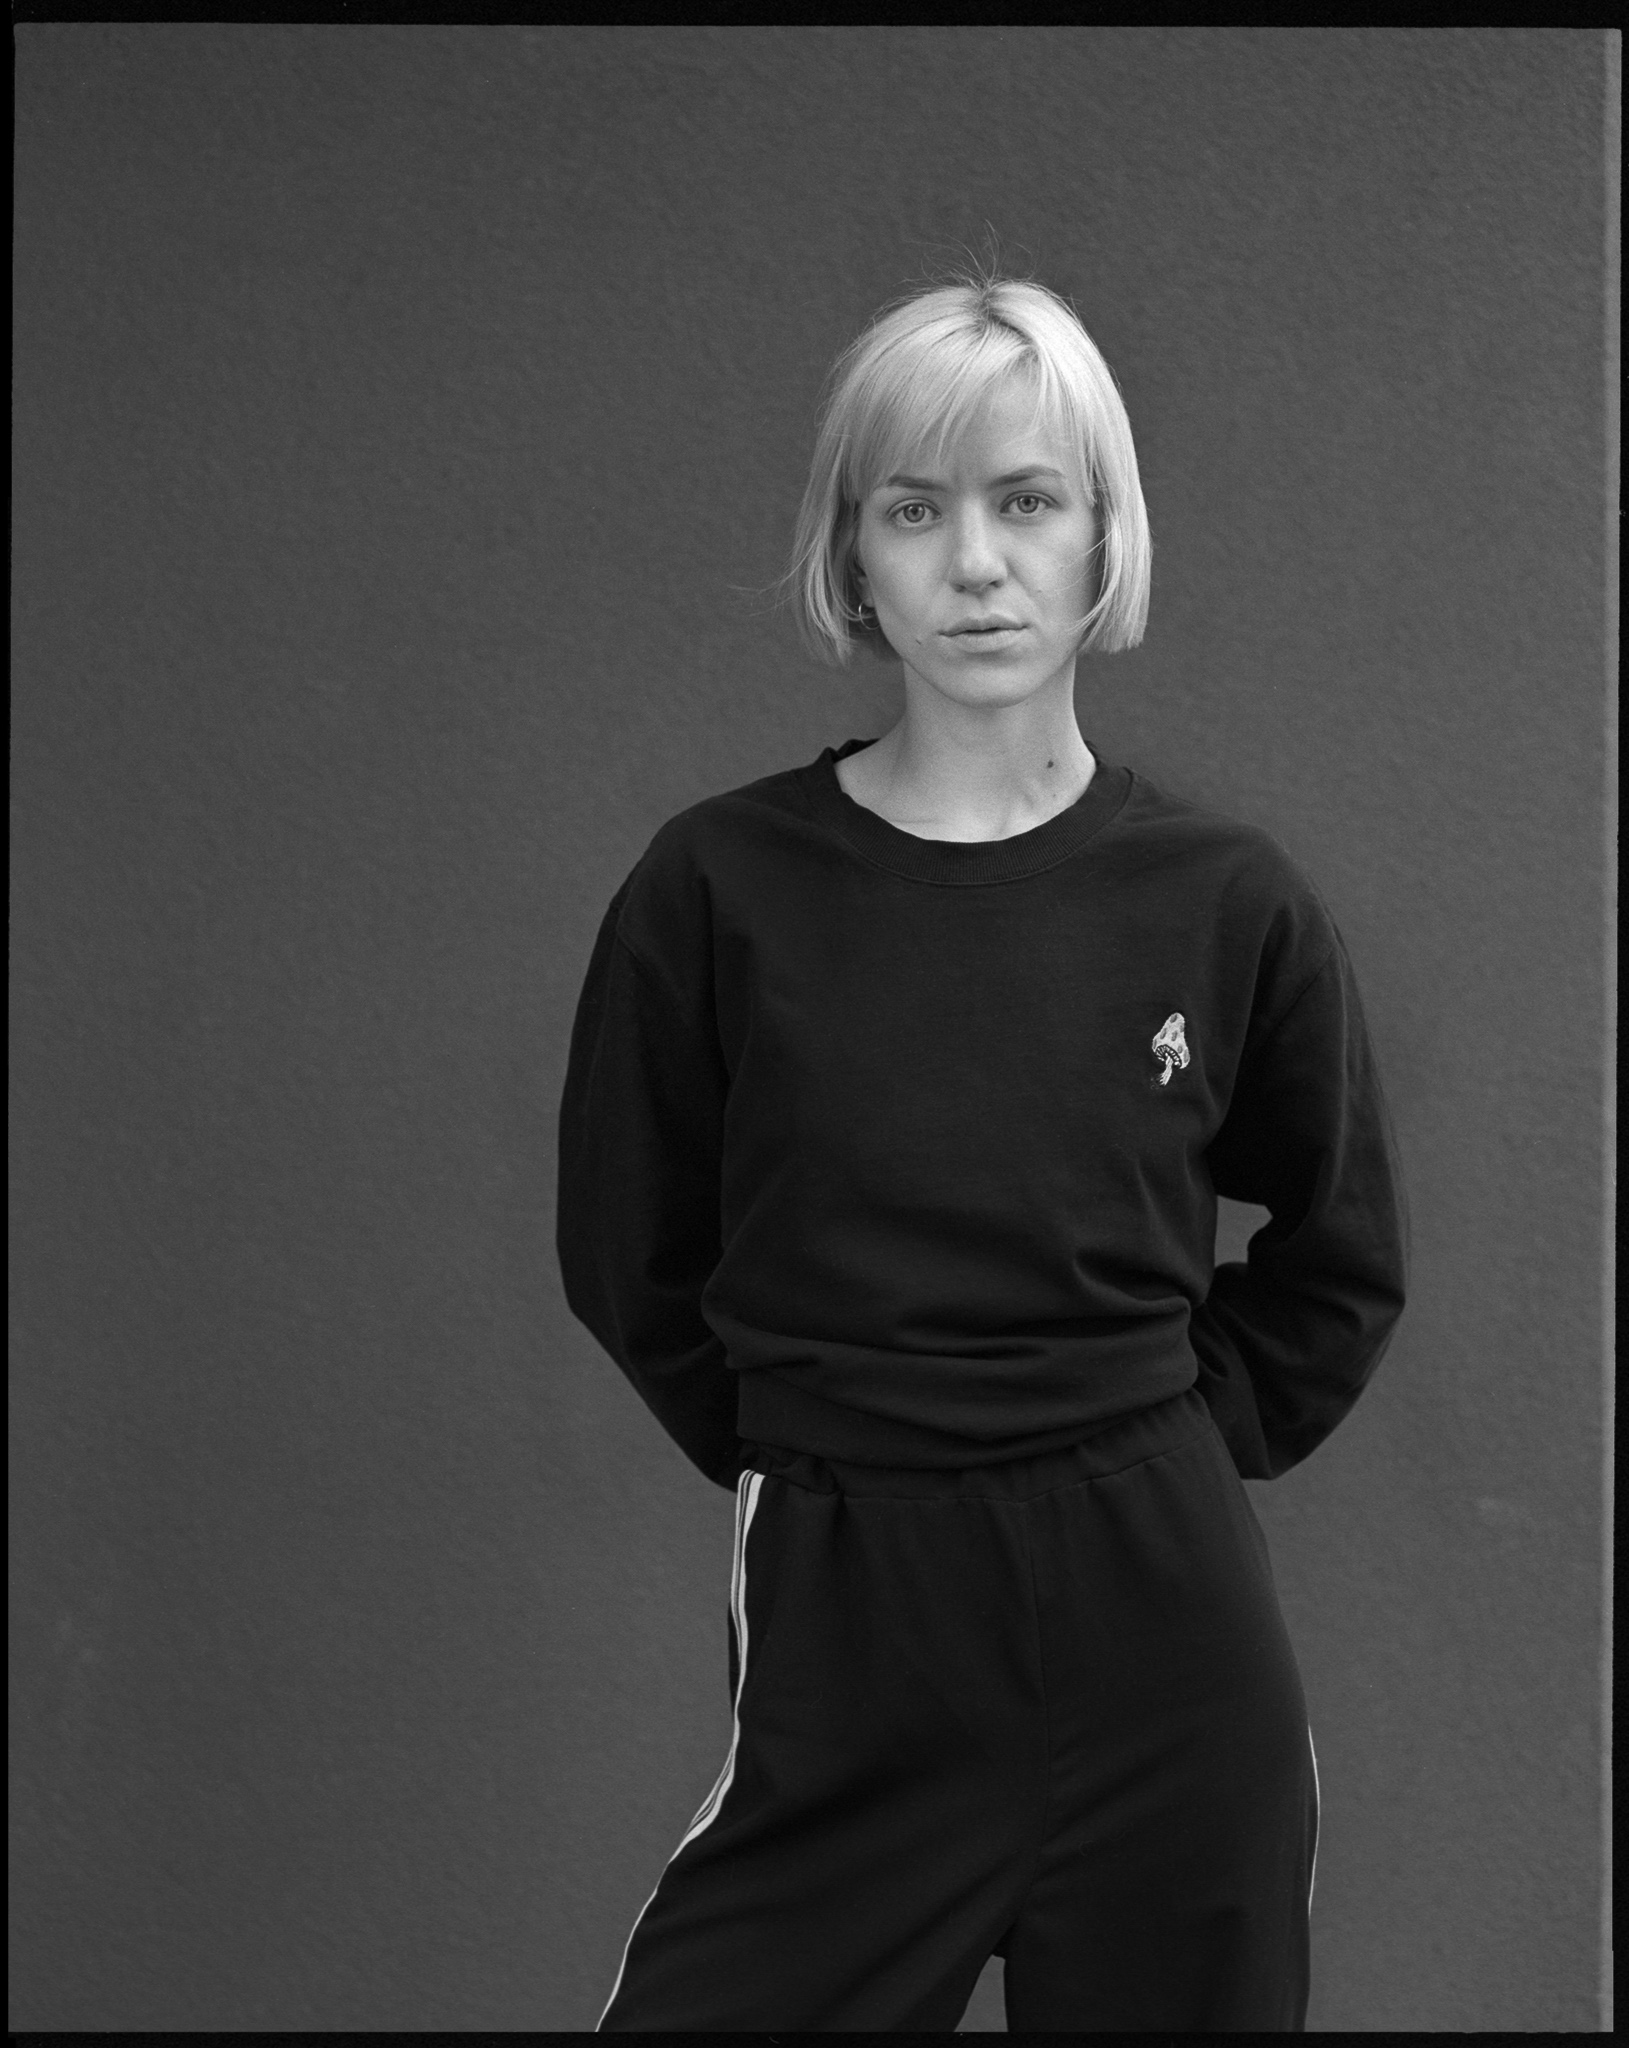 fotografia portretowa Zdenki Pszczołowskiej